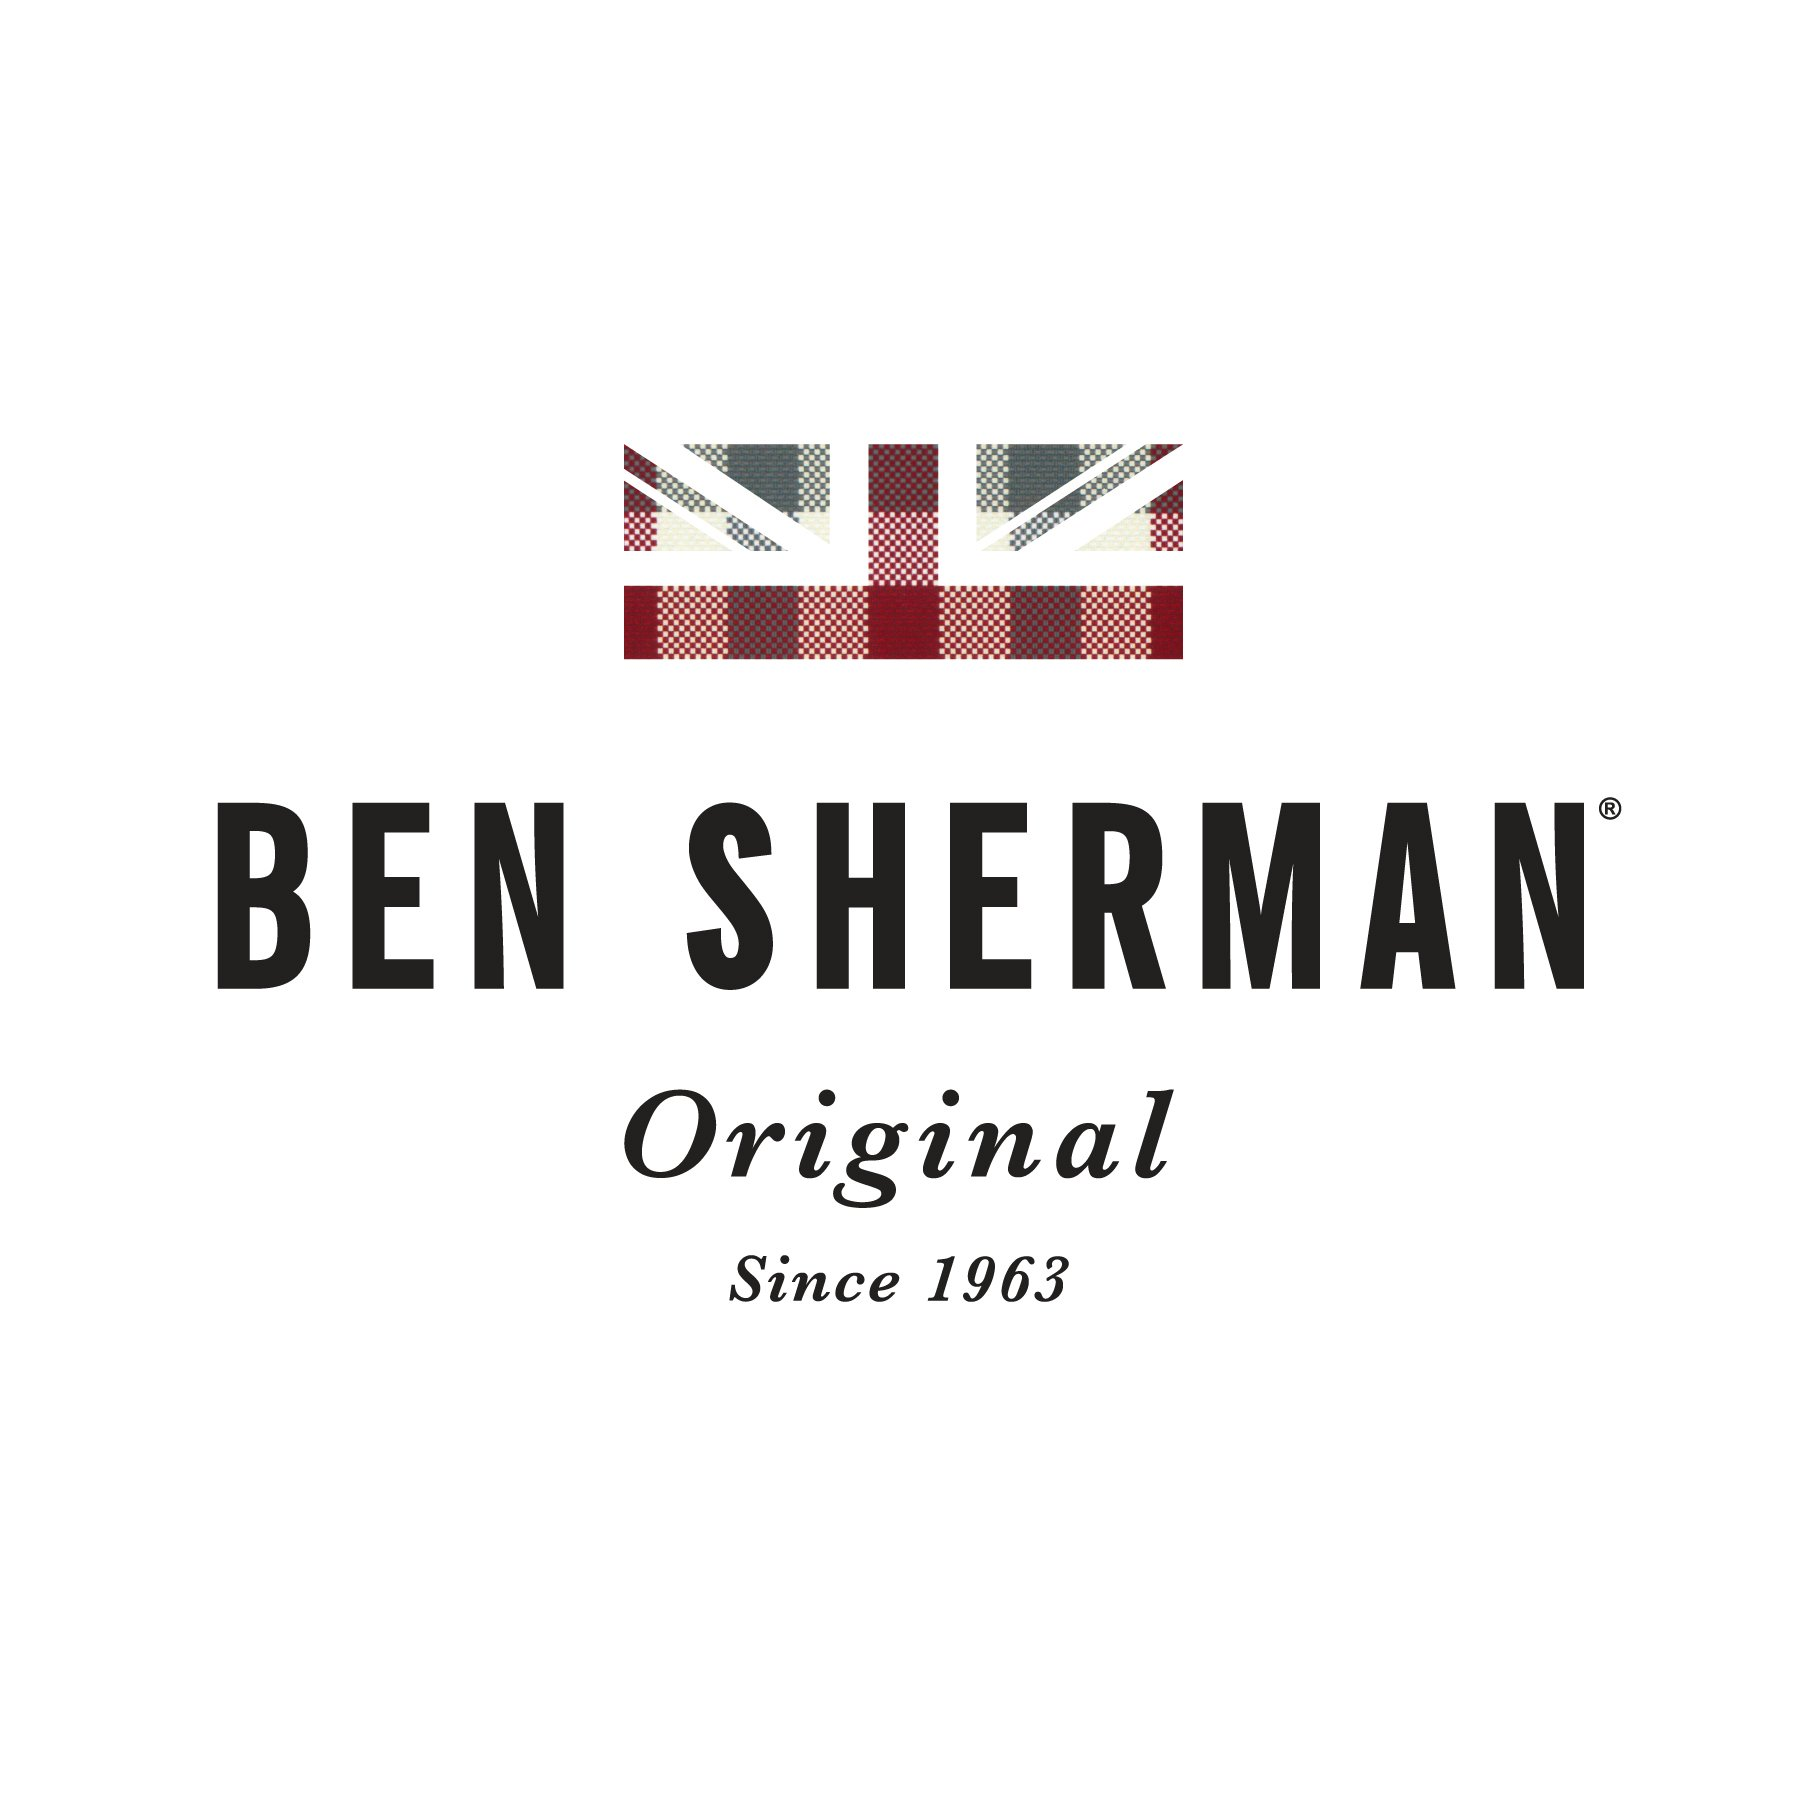 Ben Sherman Boys Long Sleeve Shirt Tie Set, White Plaid, Size 5' by Ben Sherman (Image #5)